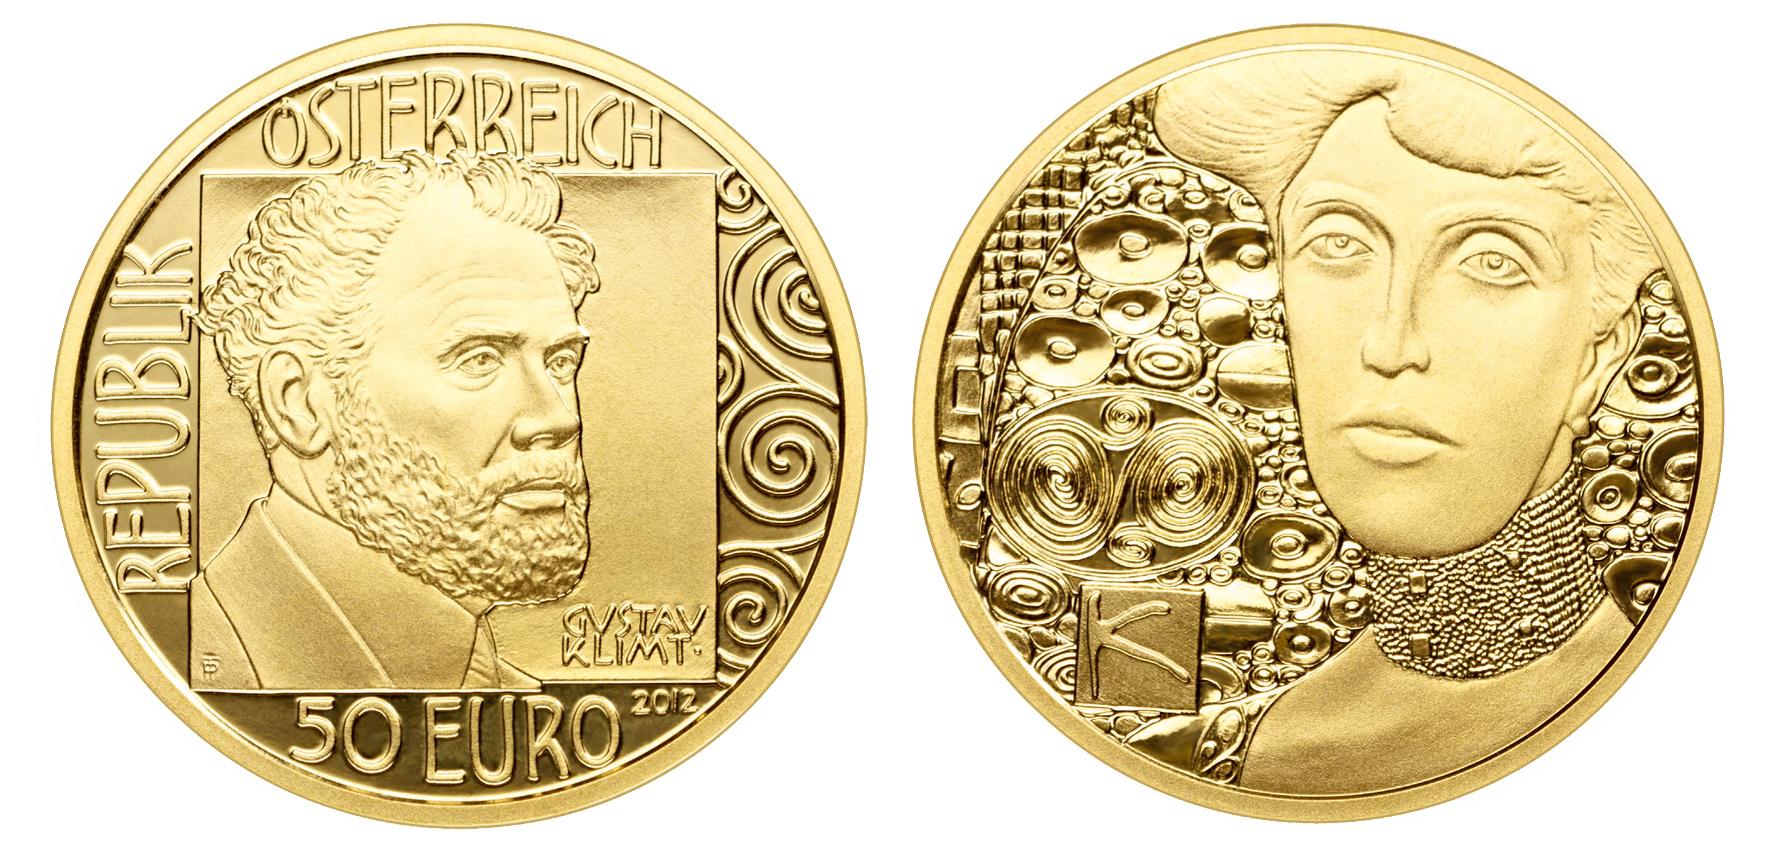 Klimt Goldmünze Adele Bloch Bauer aus Österreich